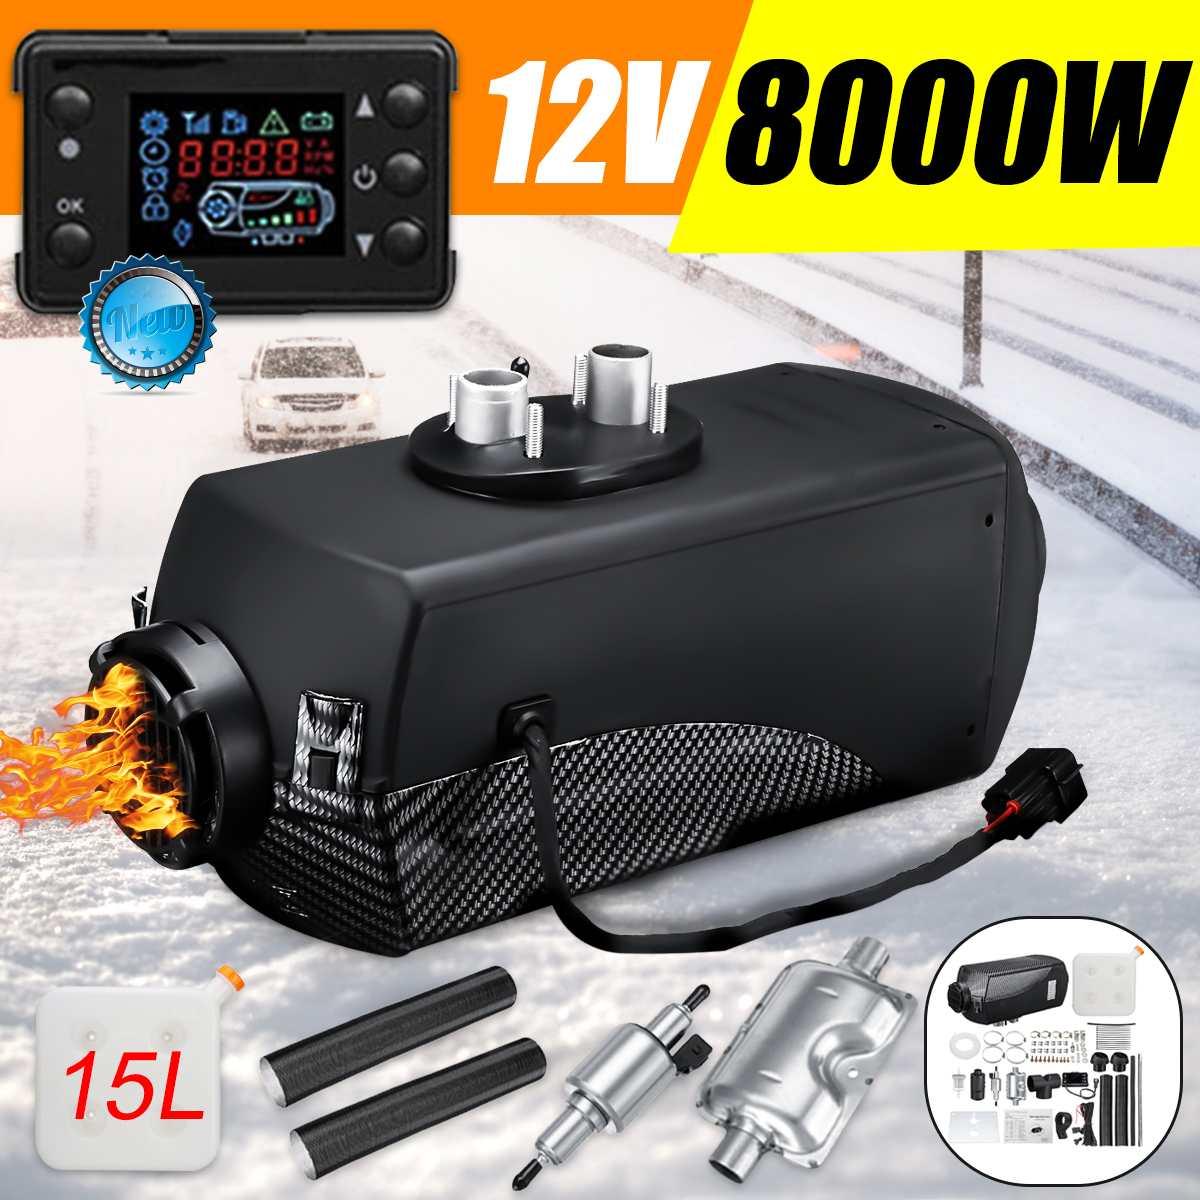 12V 8KW voiture Diesels Air Parking chauffage voiture chauffage LCD télécommande moniteur interrupteur + silencieux pour camions Bus remorque chauffage